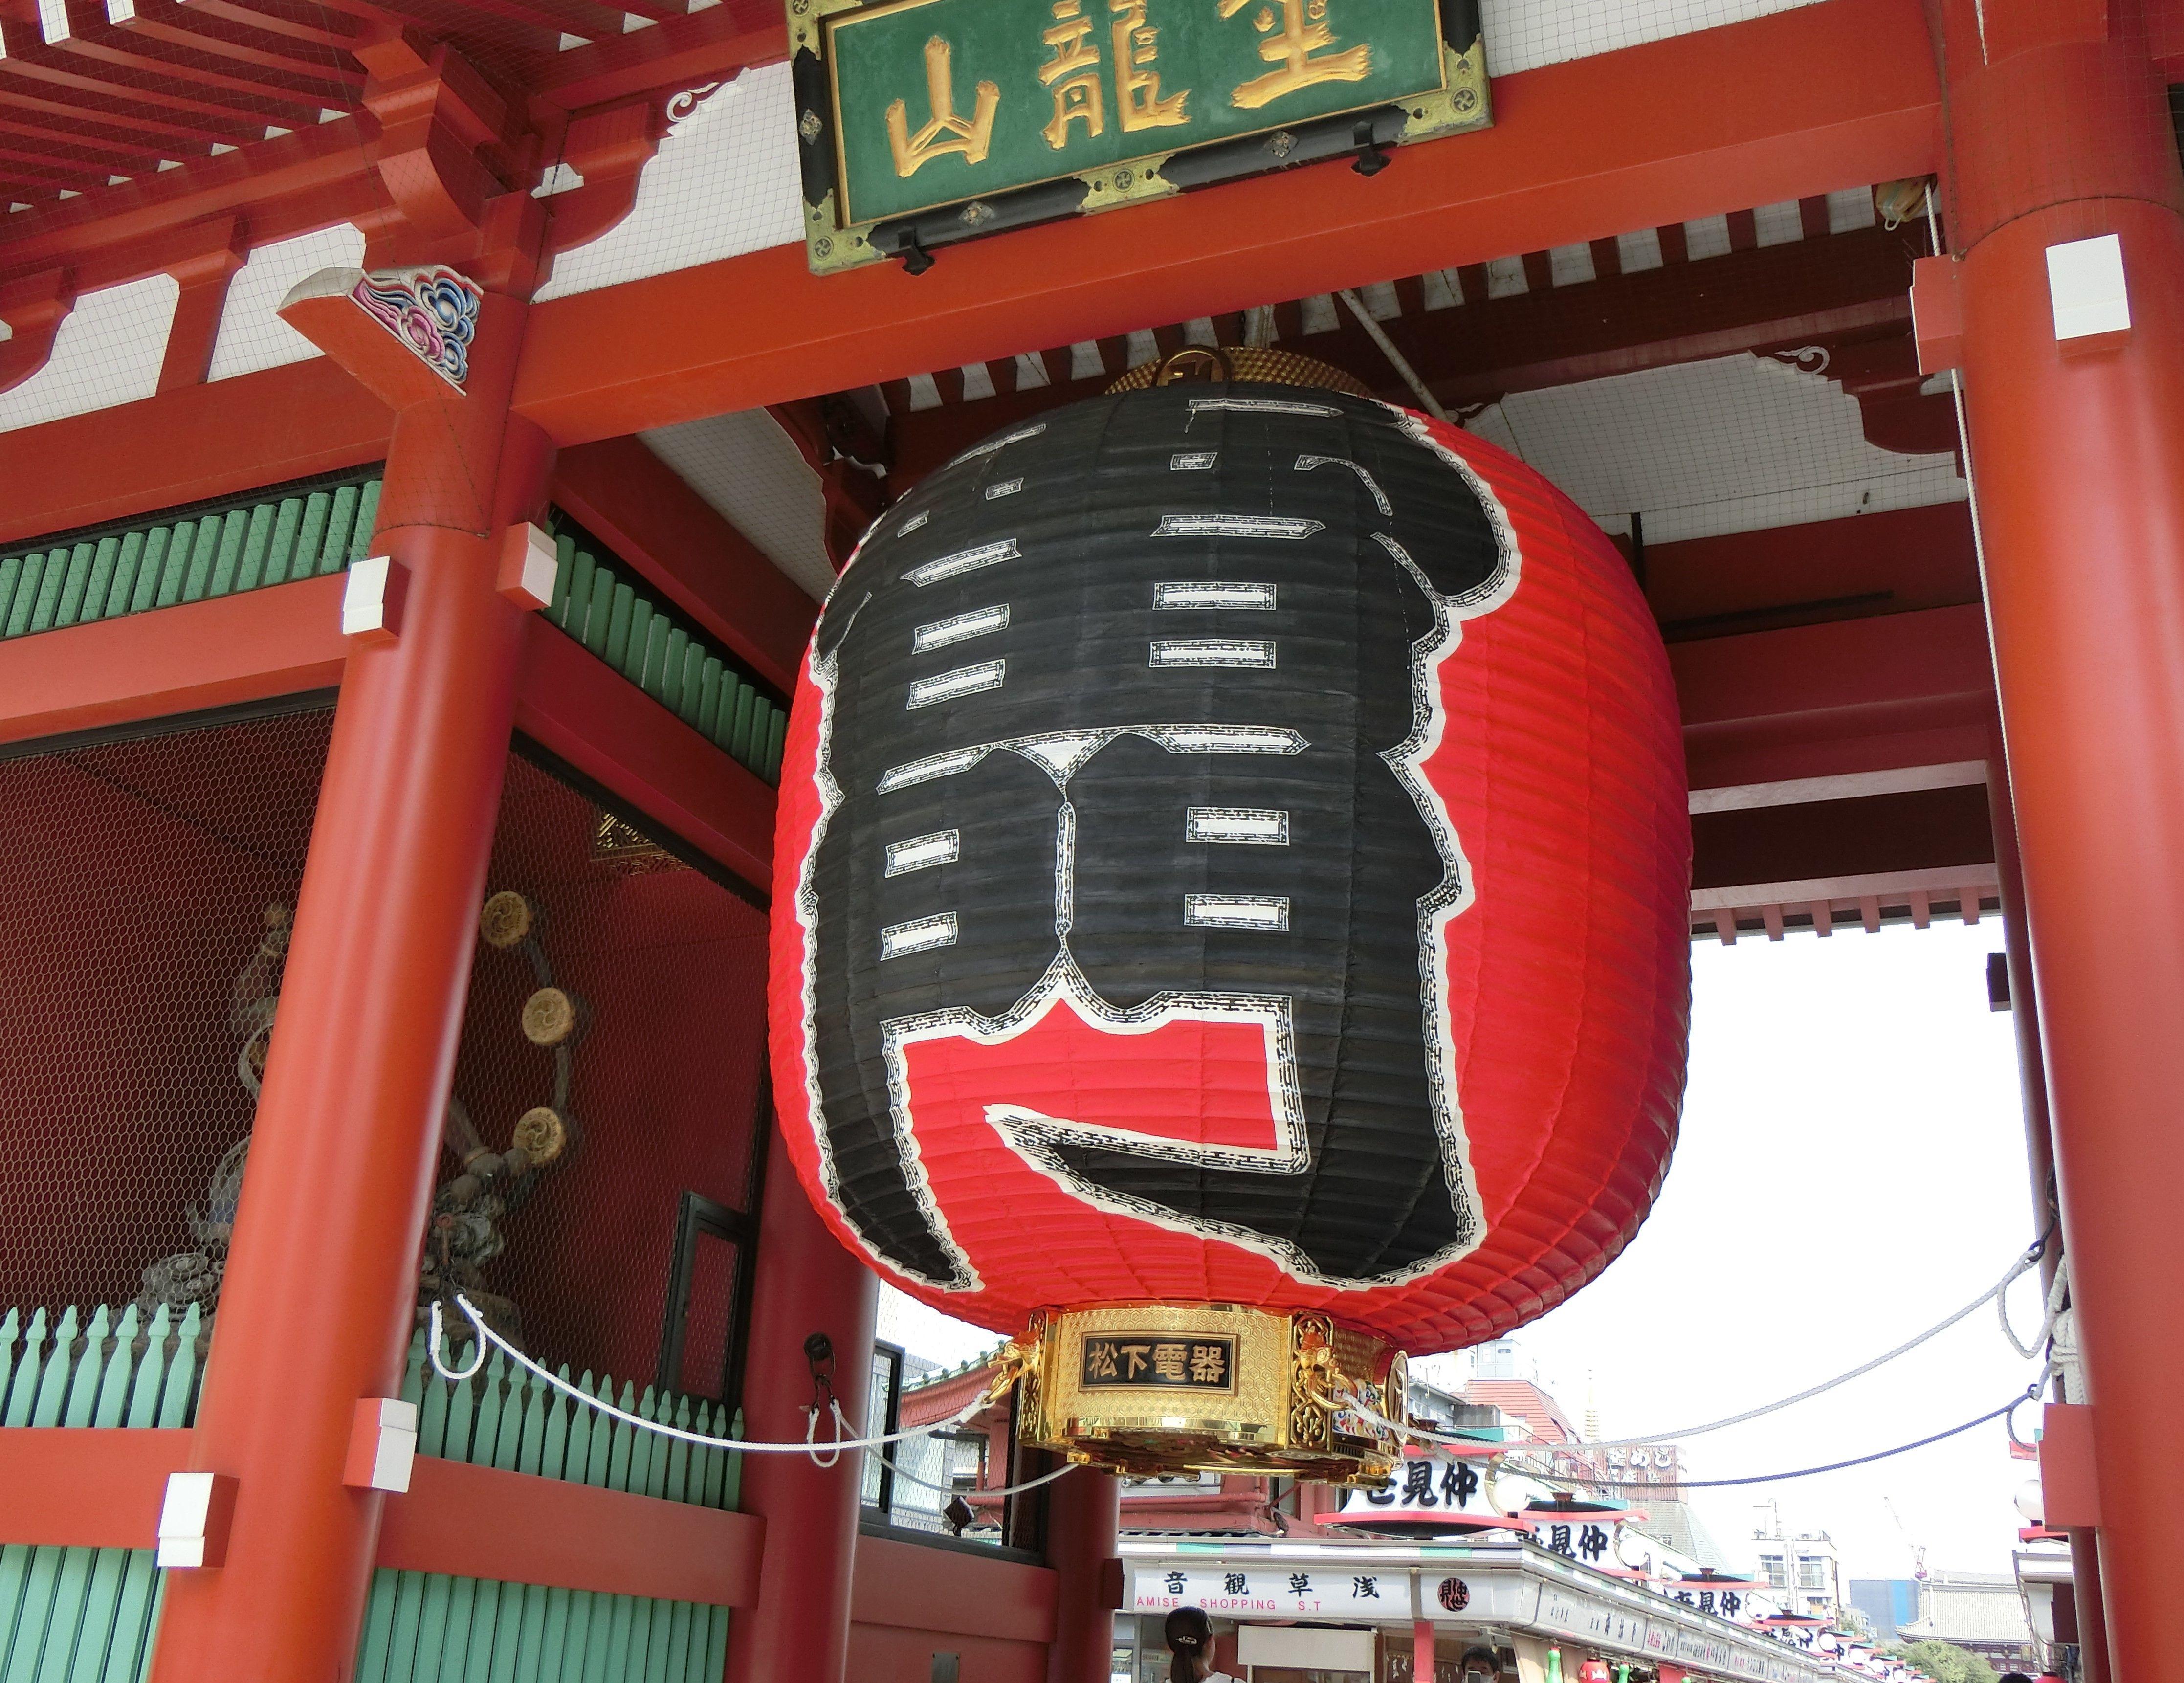 東京23区で最も小さな区といえば…?